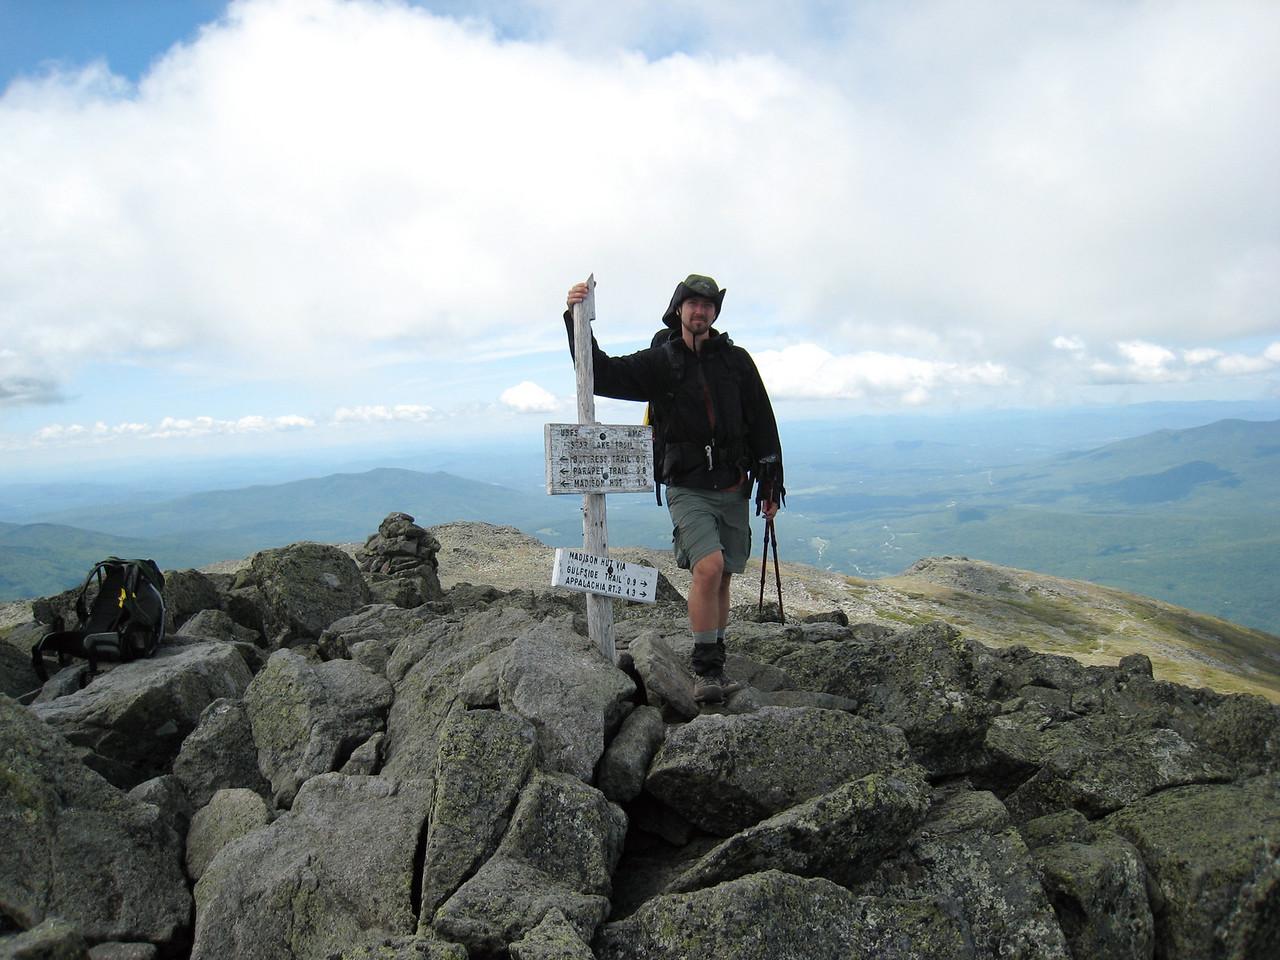 Steve at the Mt. Elisha Summit Sign